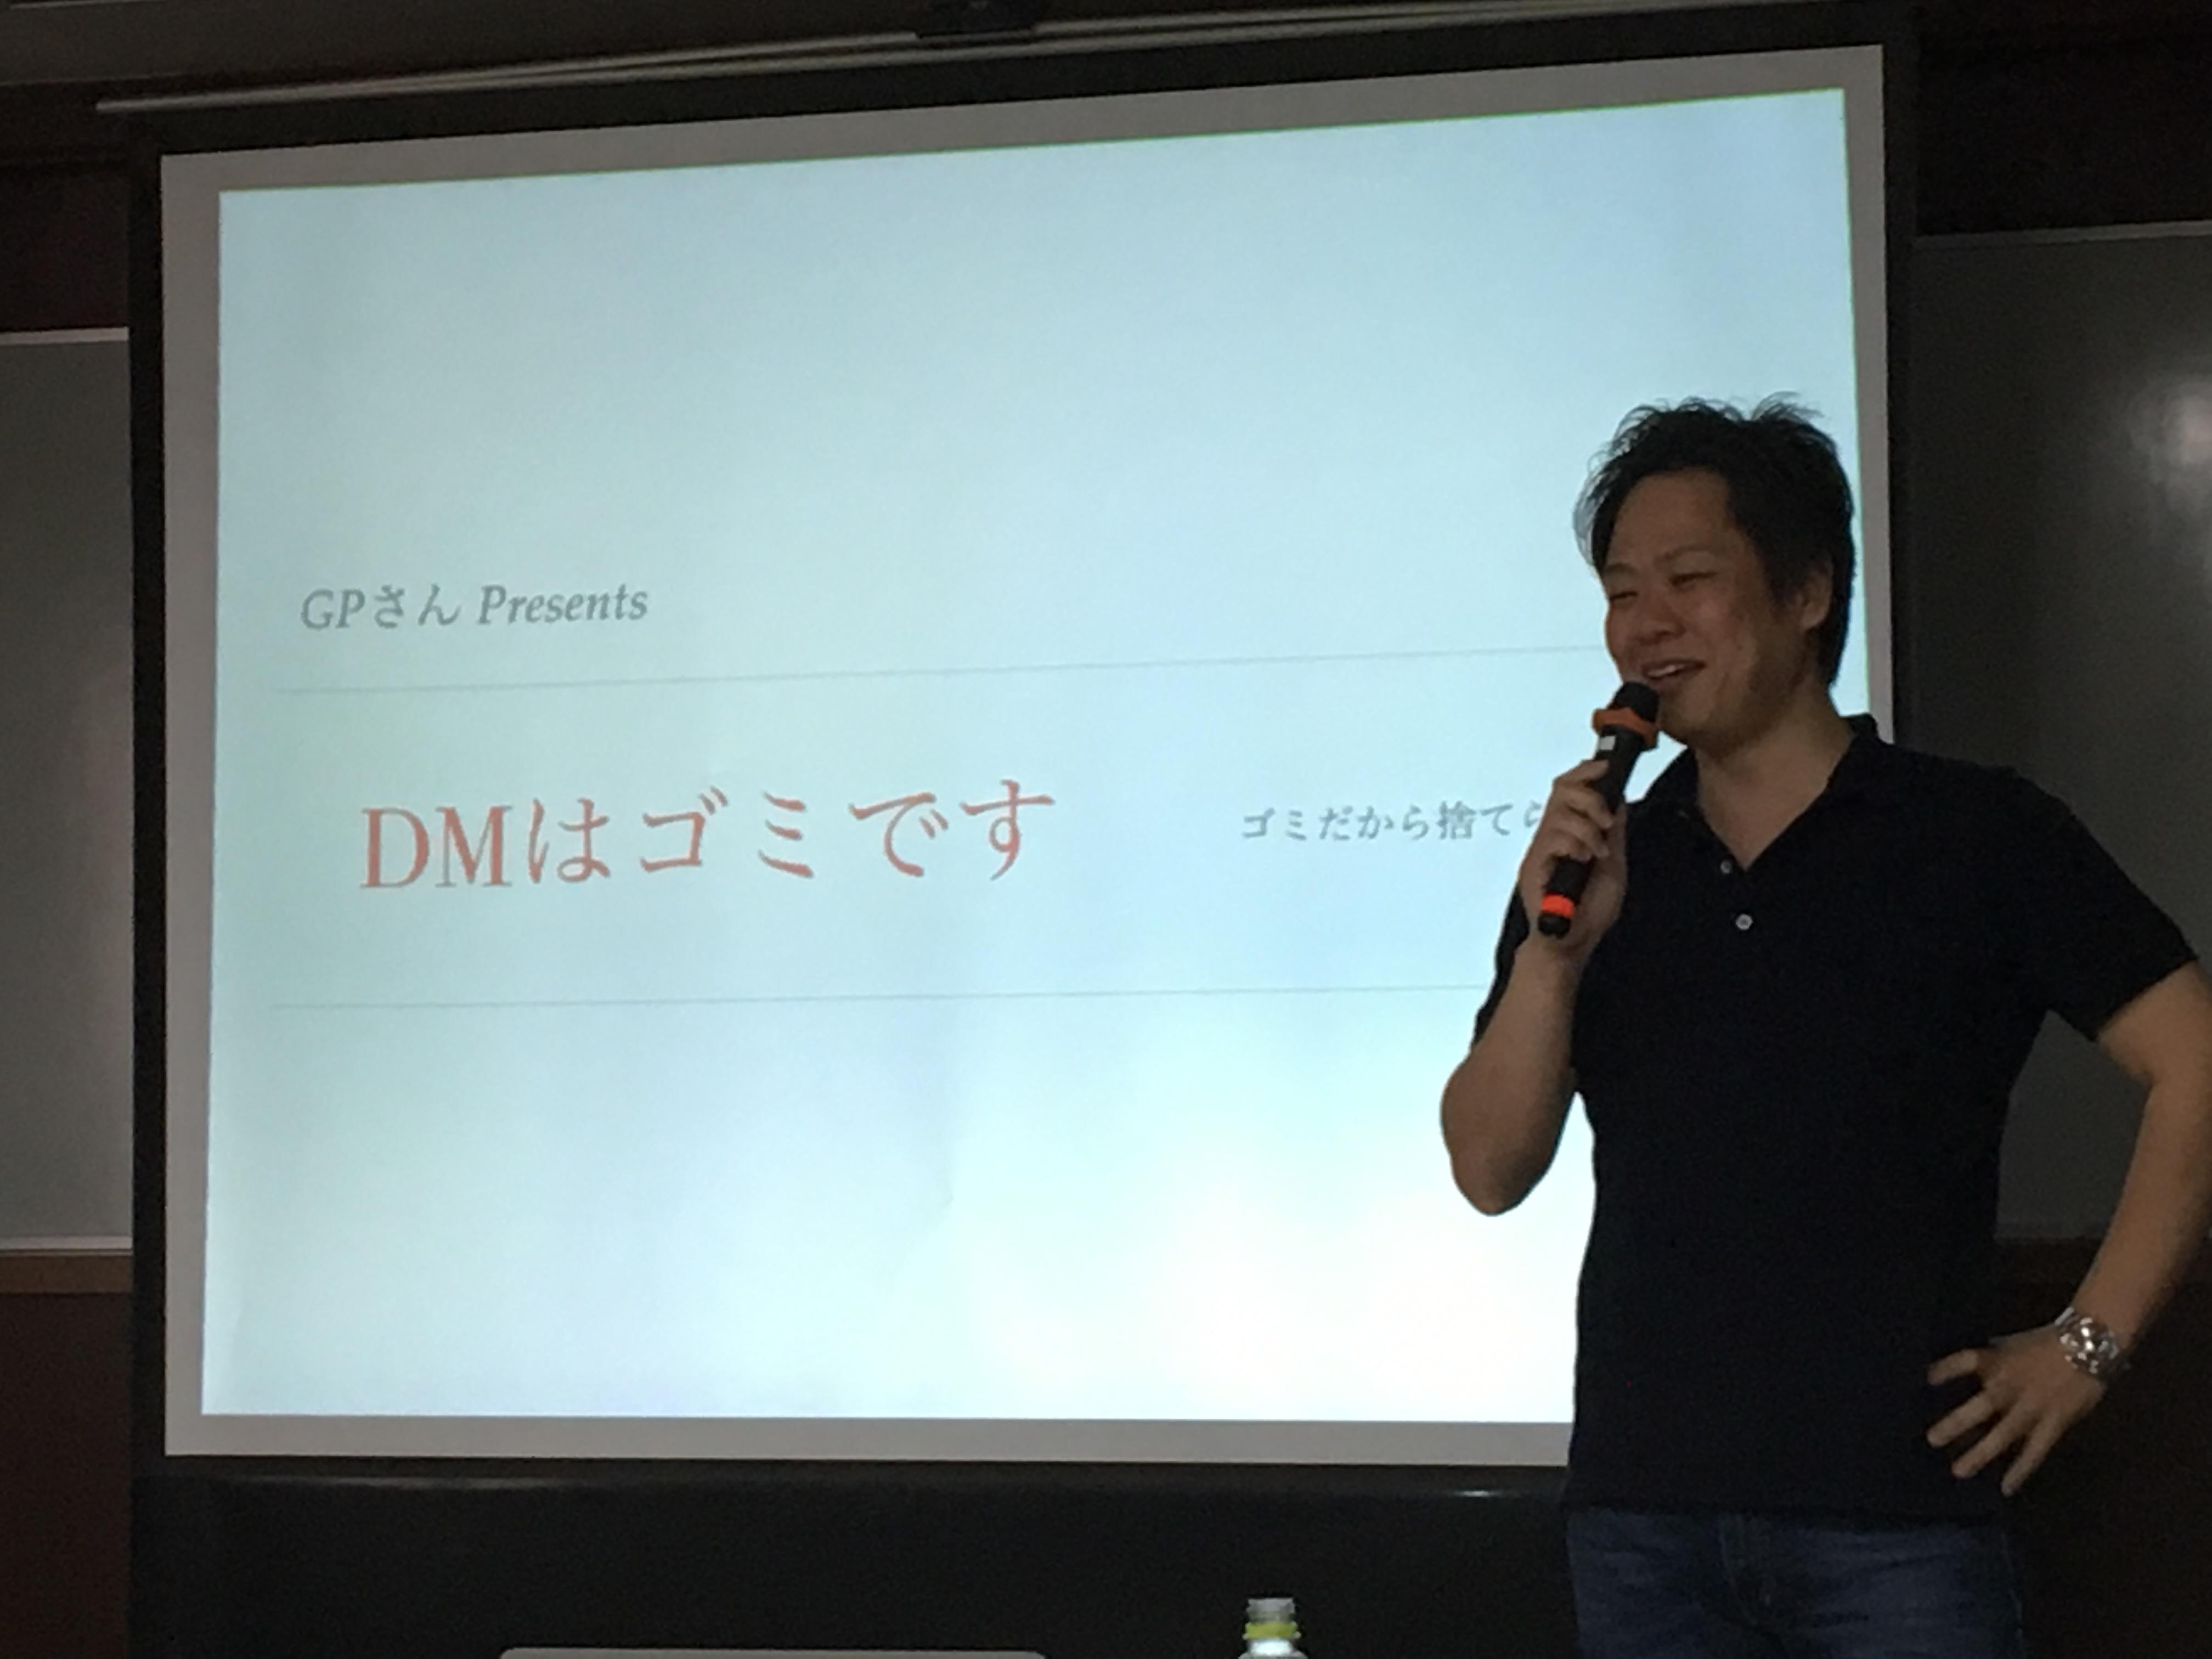 DMやってみようかな。全日本DM大賞受賞セミナーでの気付き②